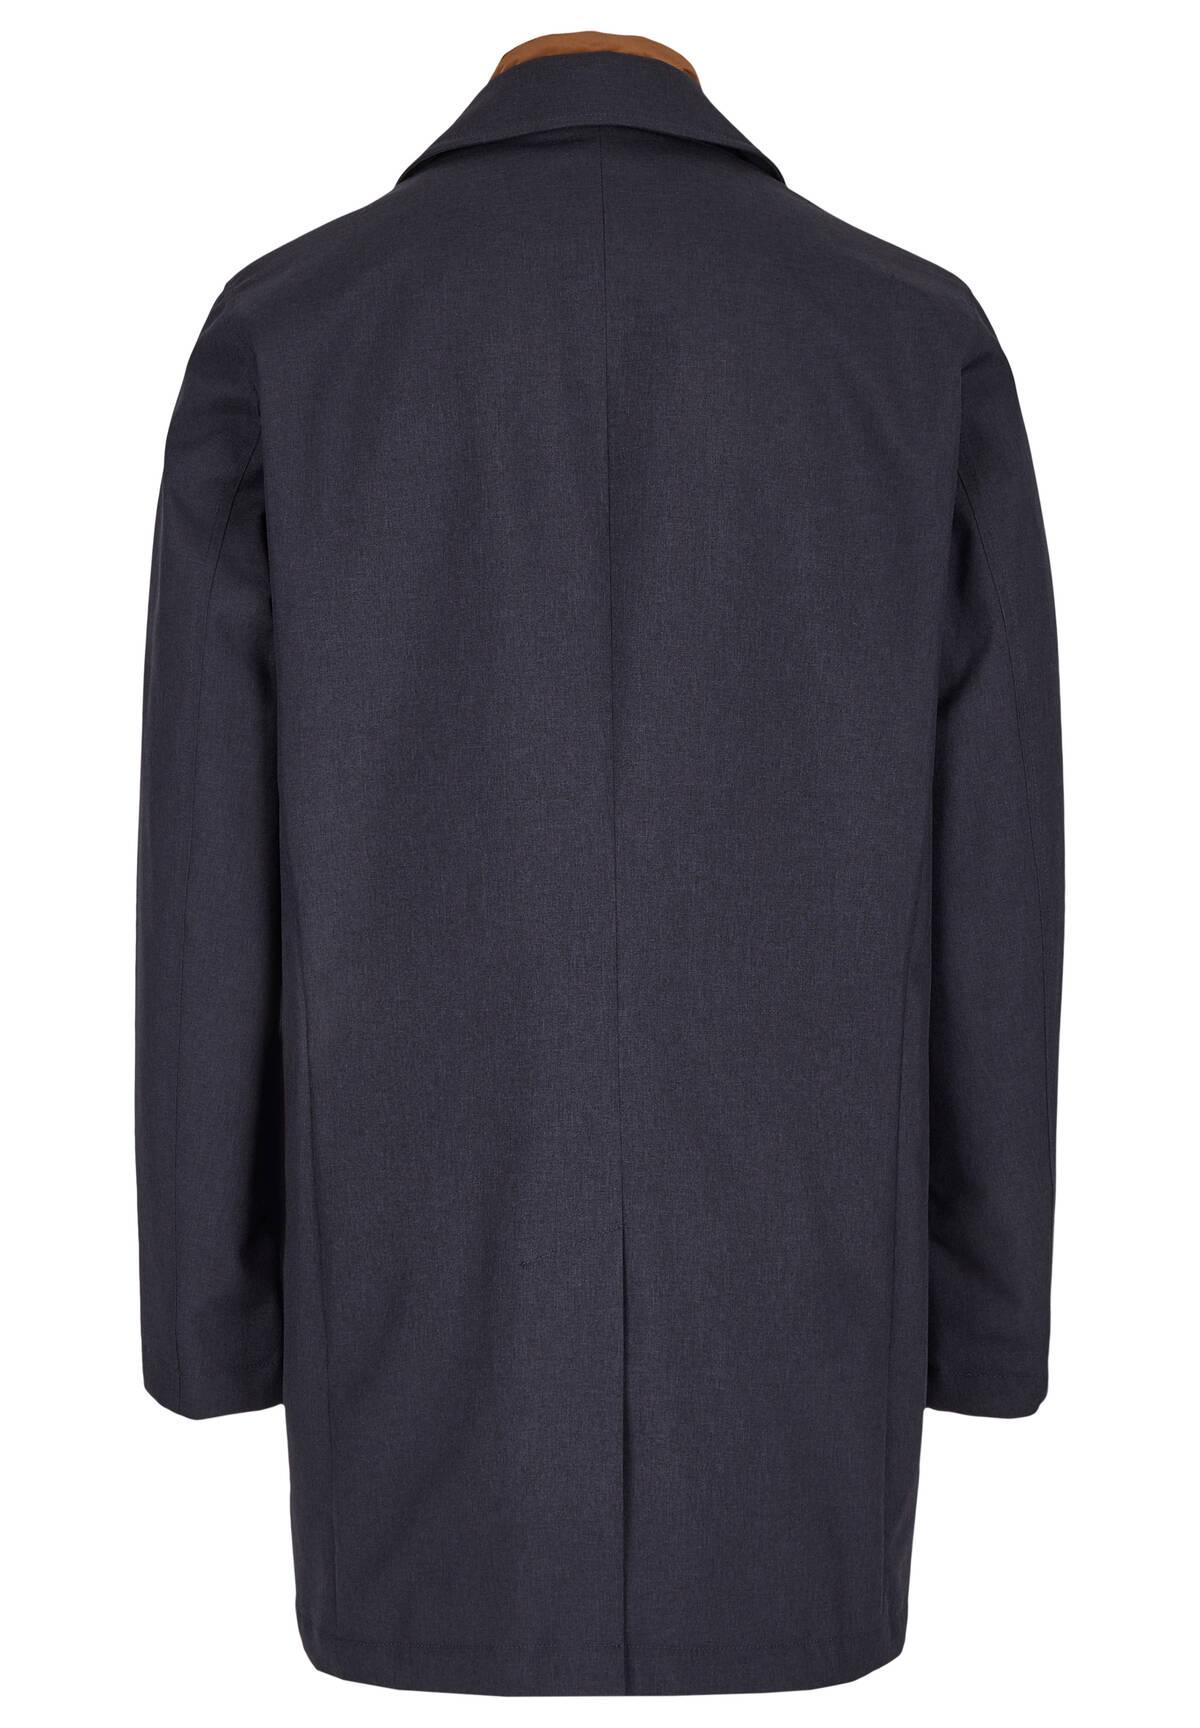 Manteau imperméable /